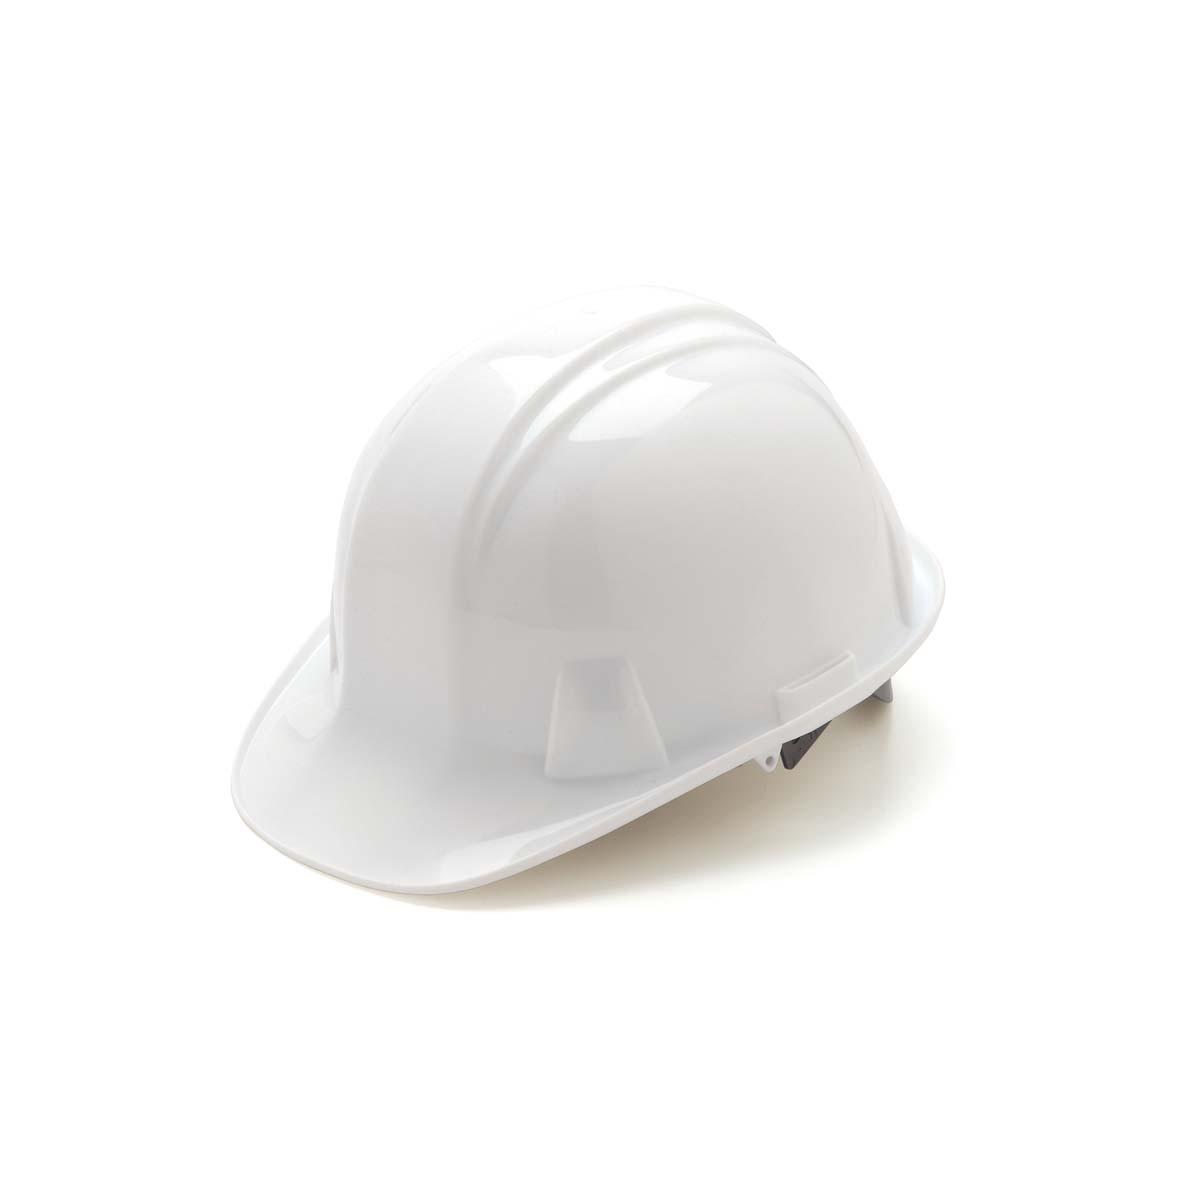 White-Standard Shell 4 Pt Ratchet Suspension